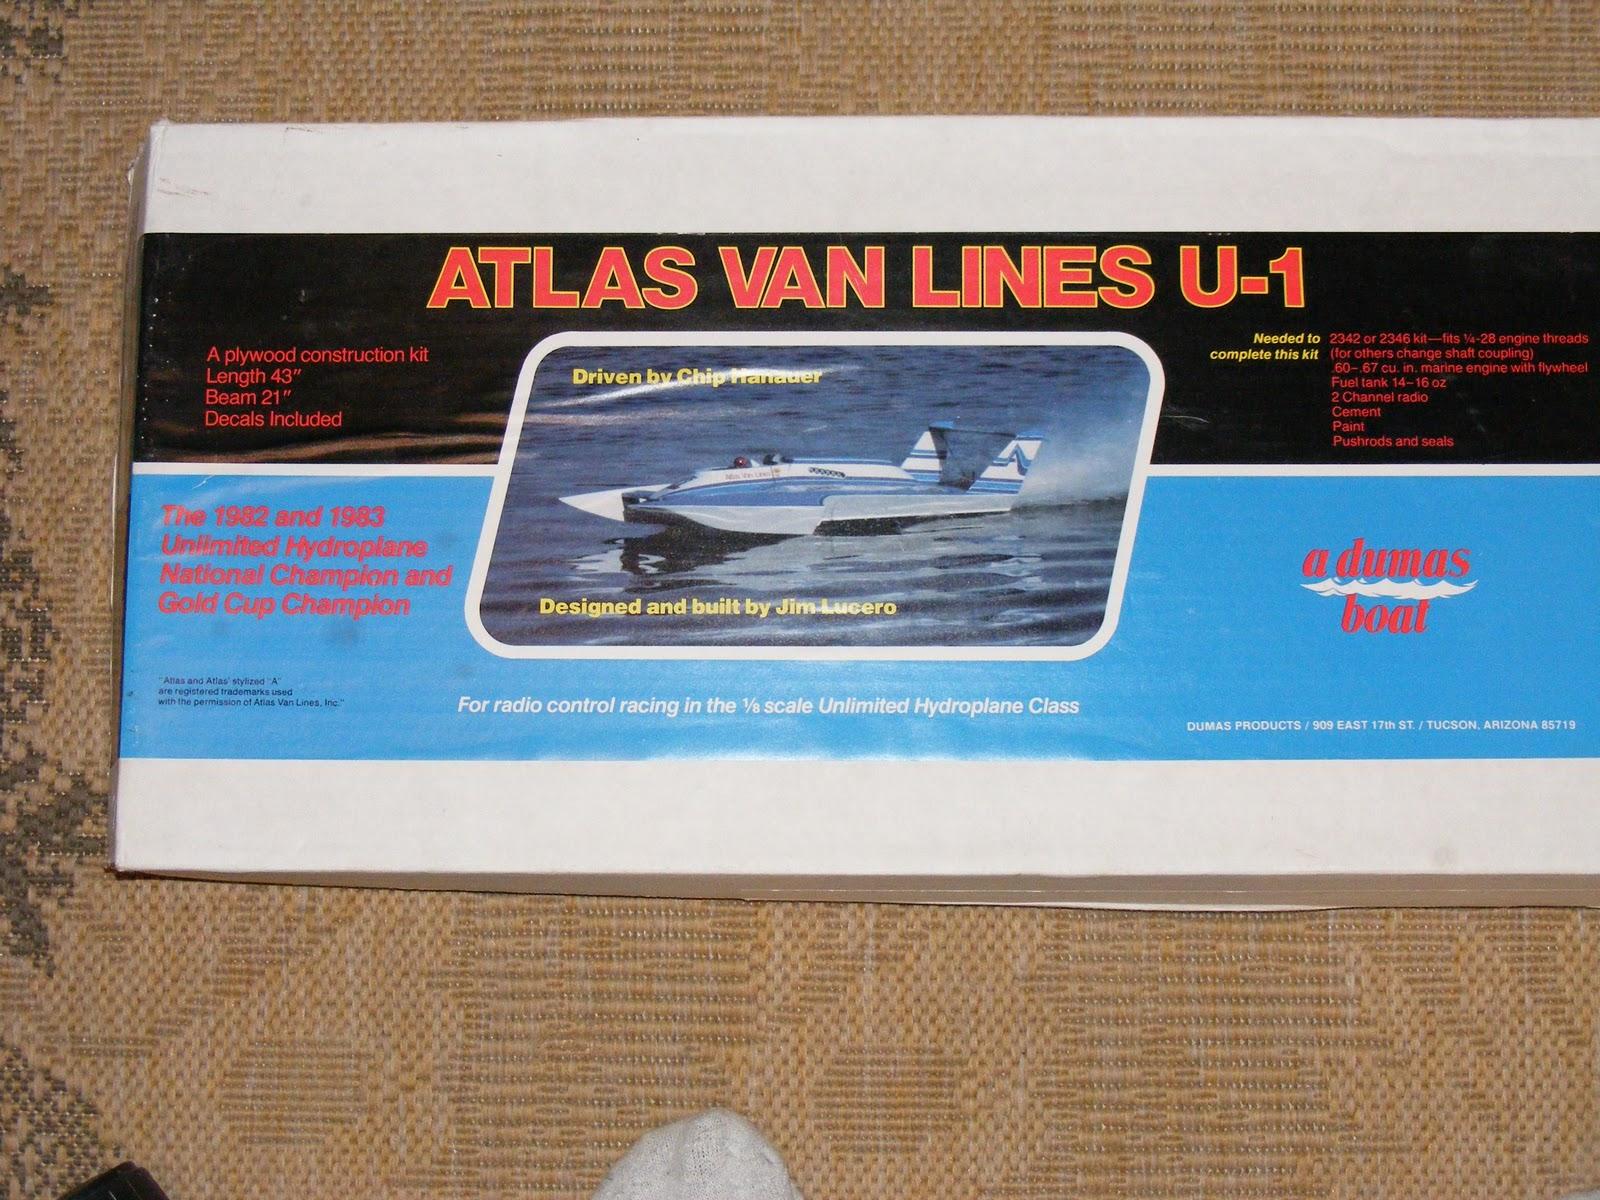 Dumas 1/8 Scale Hydroplane Boat Kit 1321 Atlas Van Lines U ...